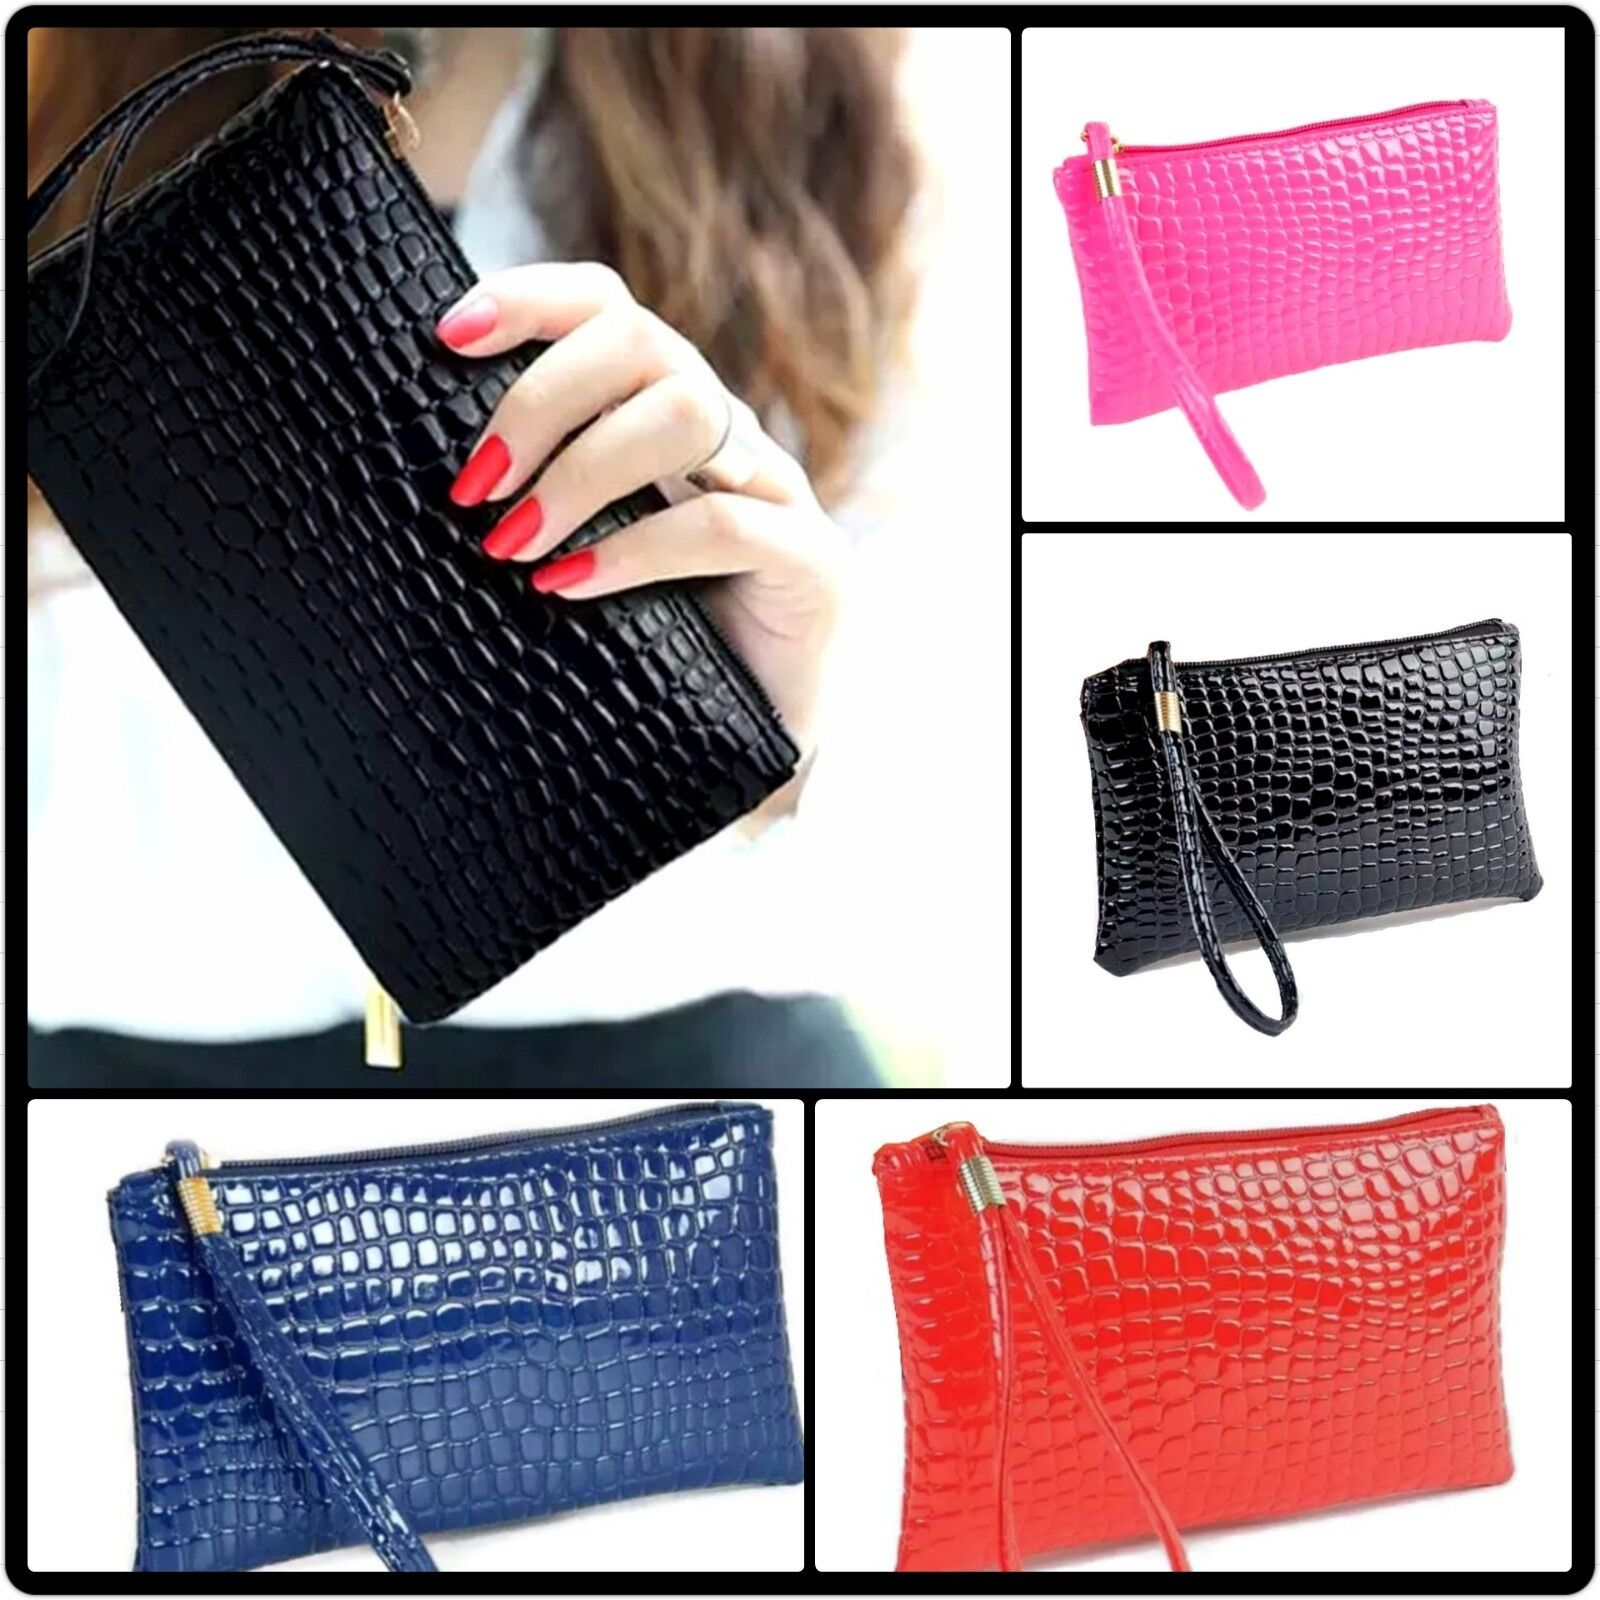 Damen Clutch Tasche Klein Mini Handtasche Geldbeutel Kroko Blau Rosa Schwarz Rot